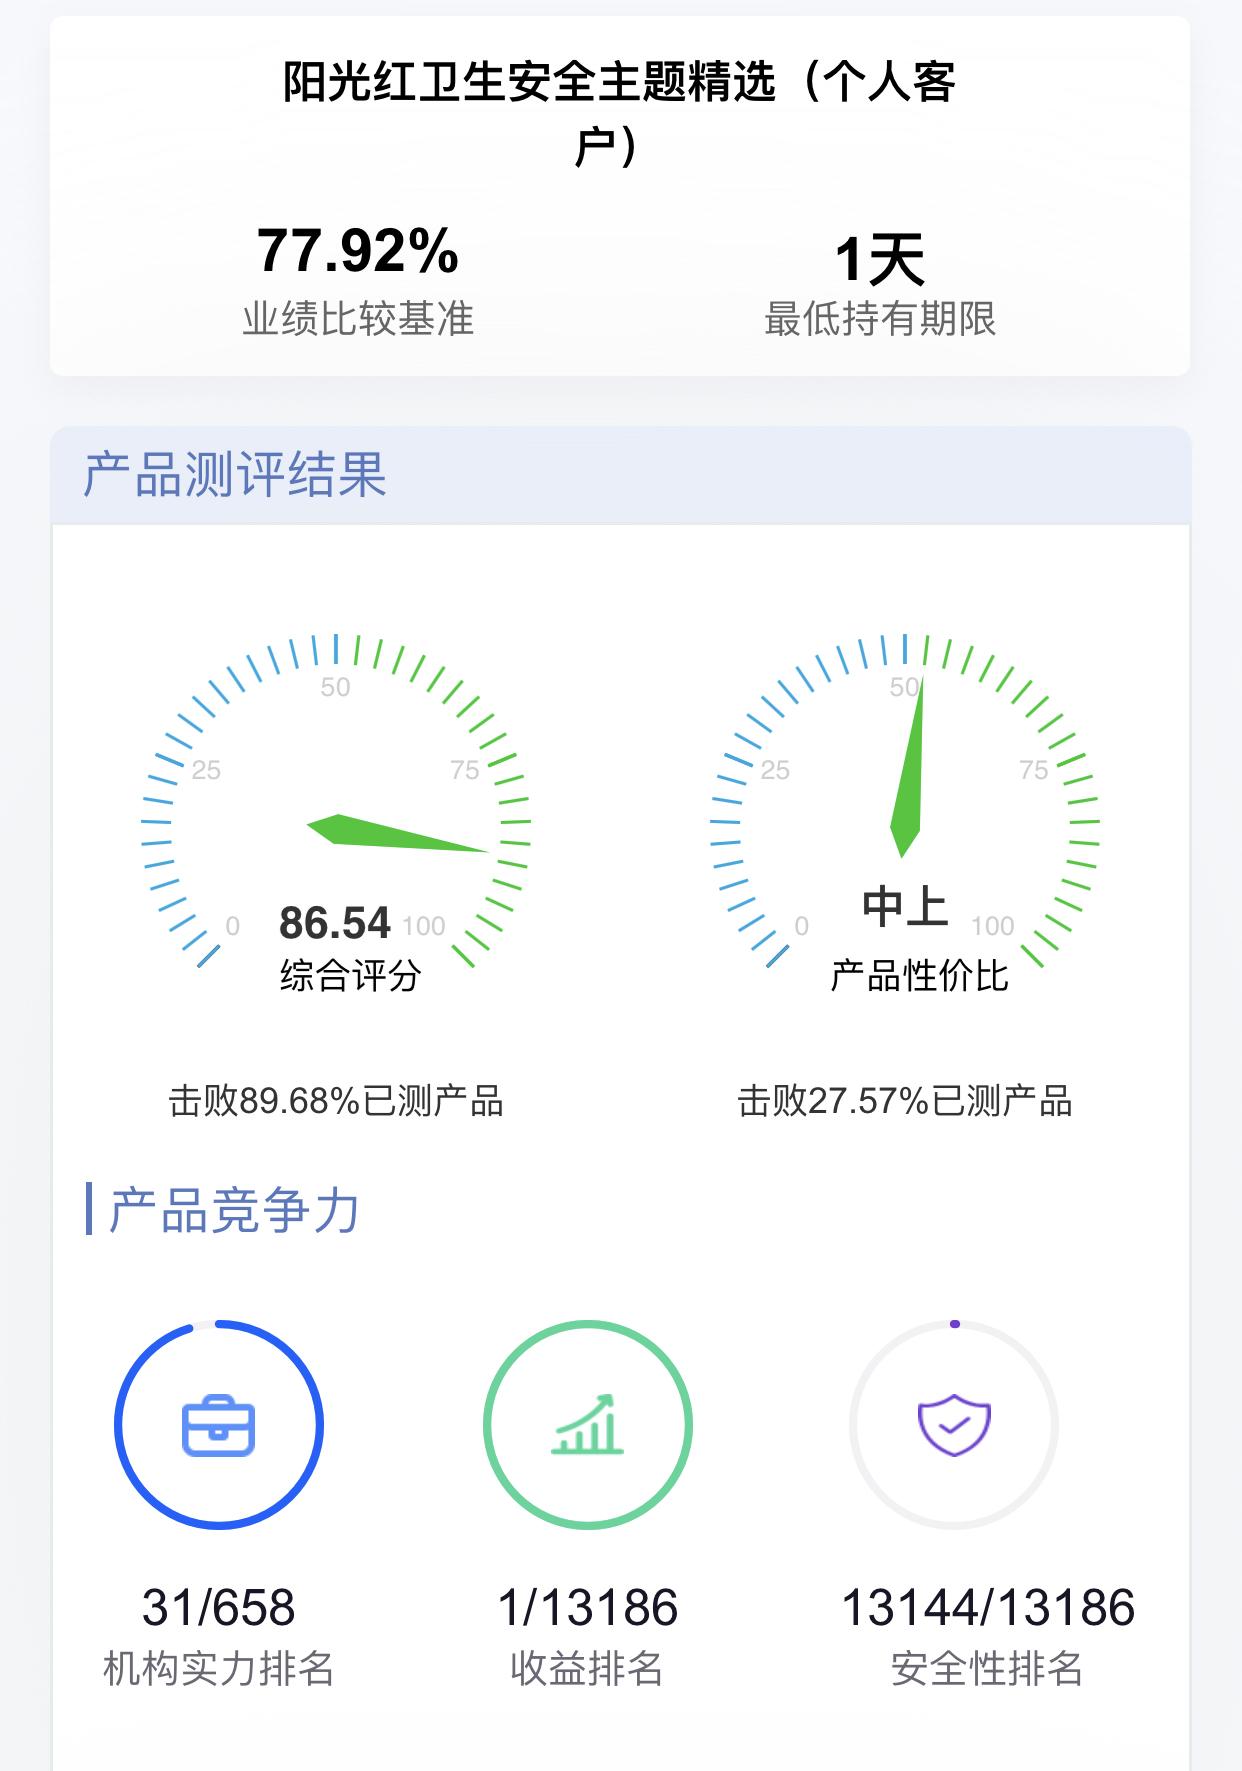 产品测评:光大理财・阳光红卫生安全主题精选(个人客户)